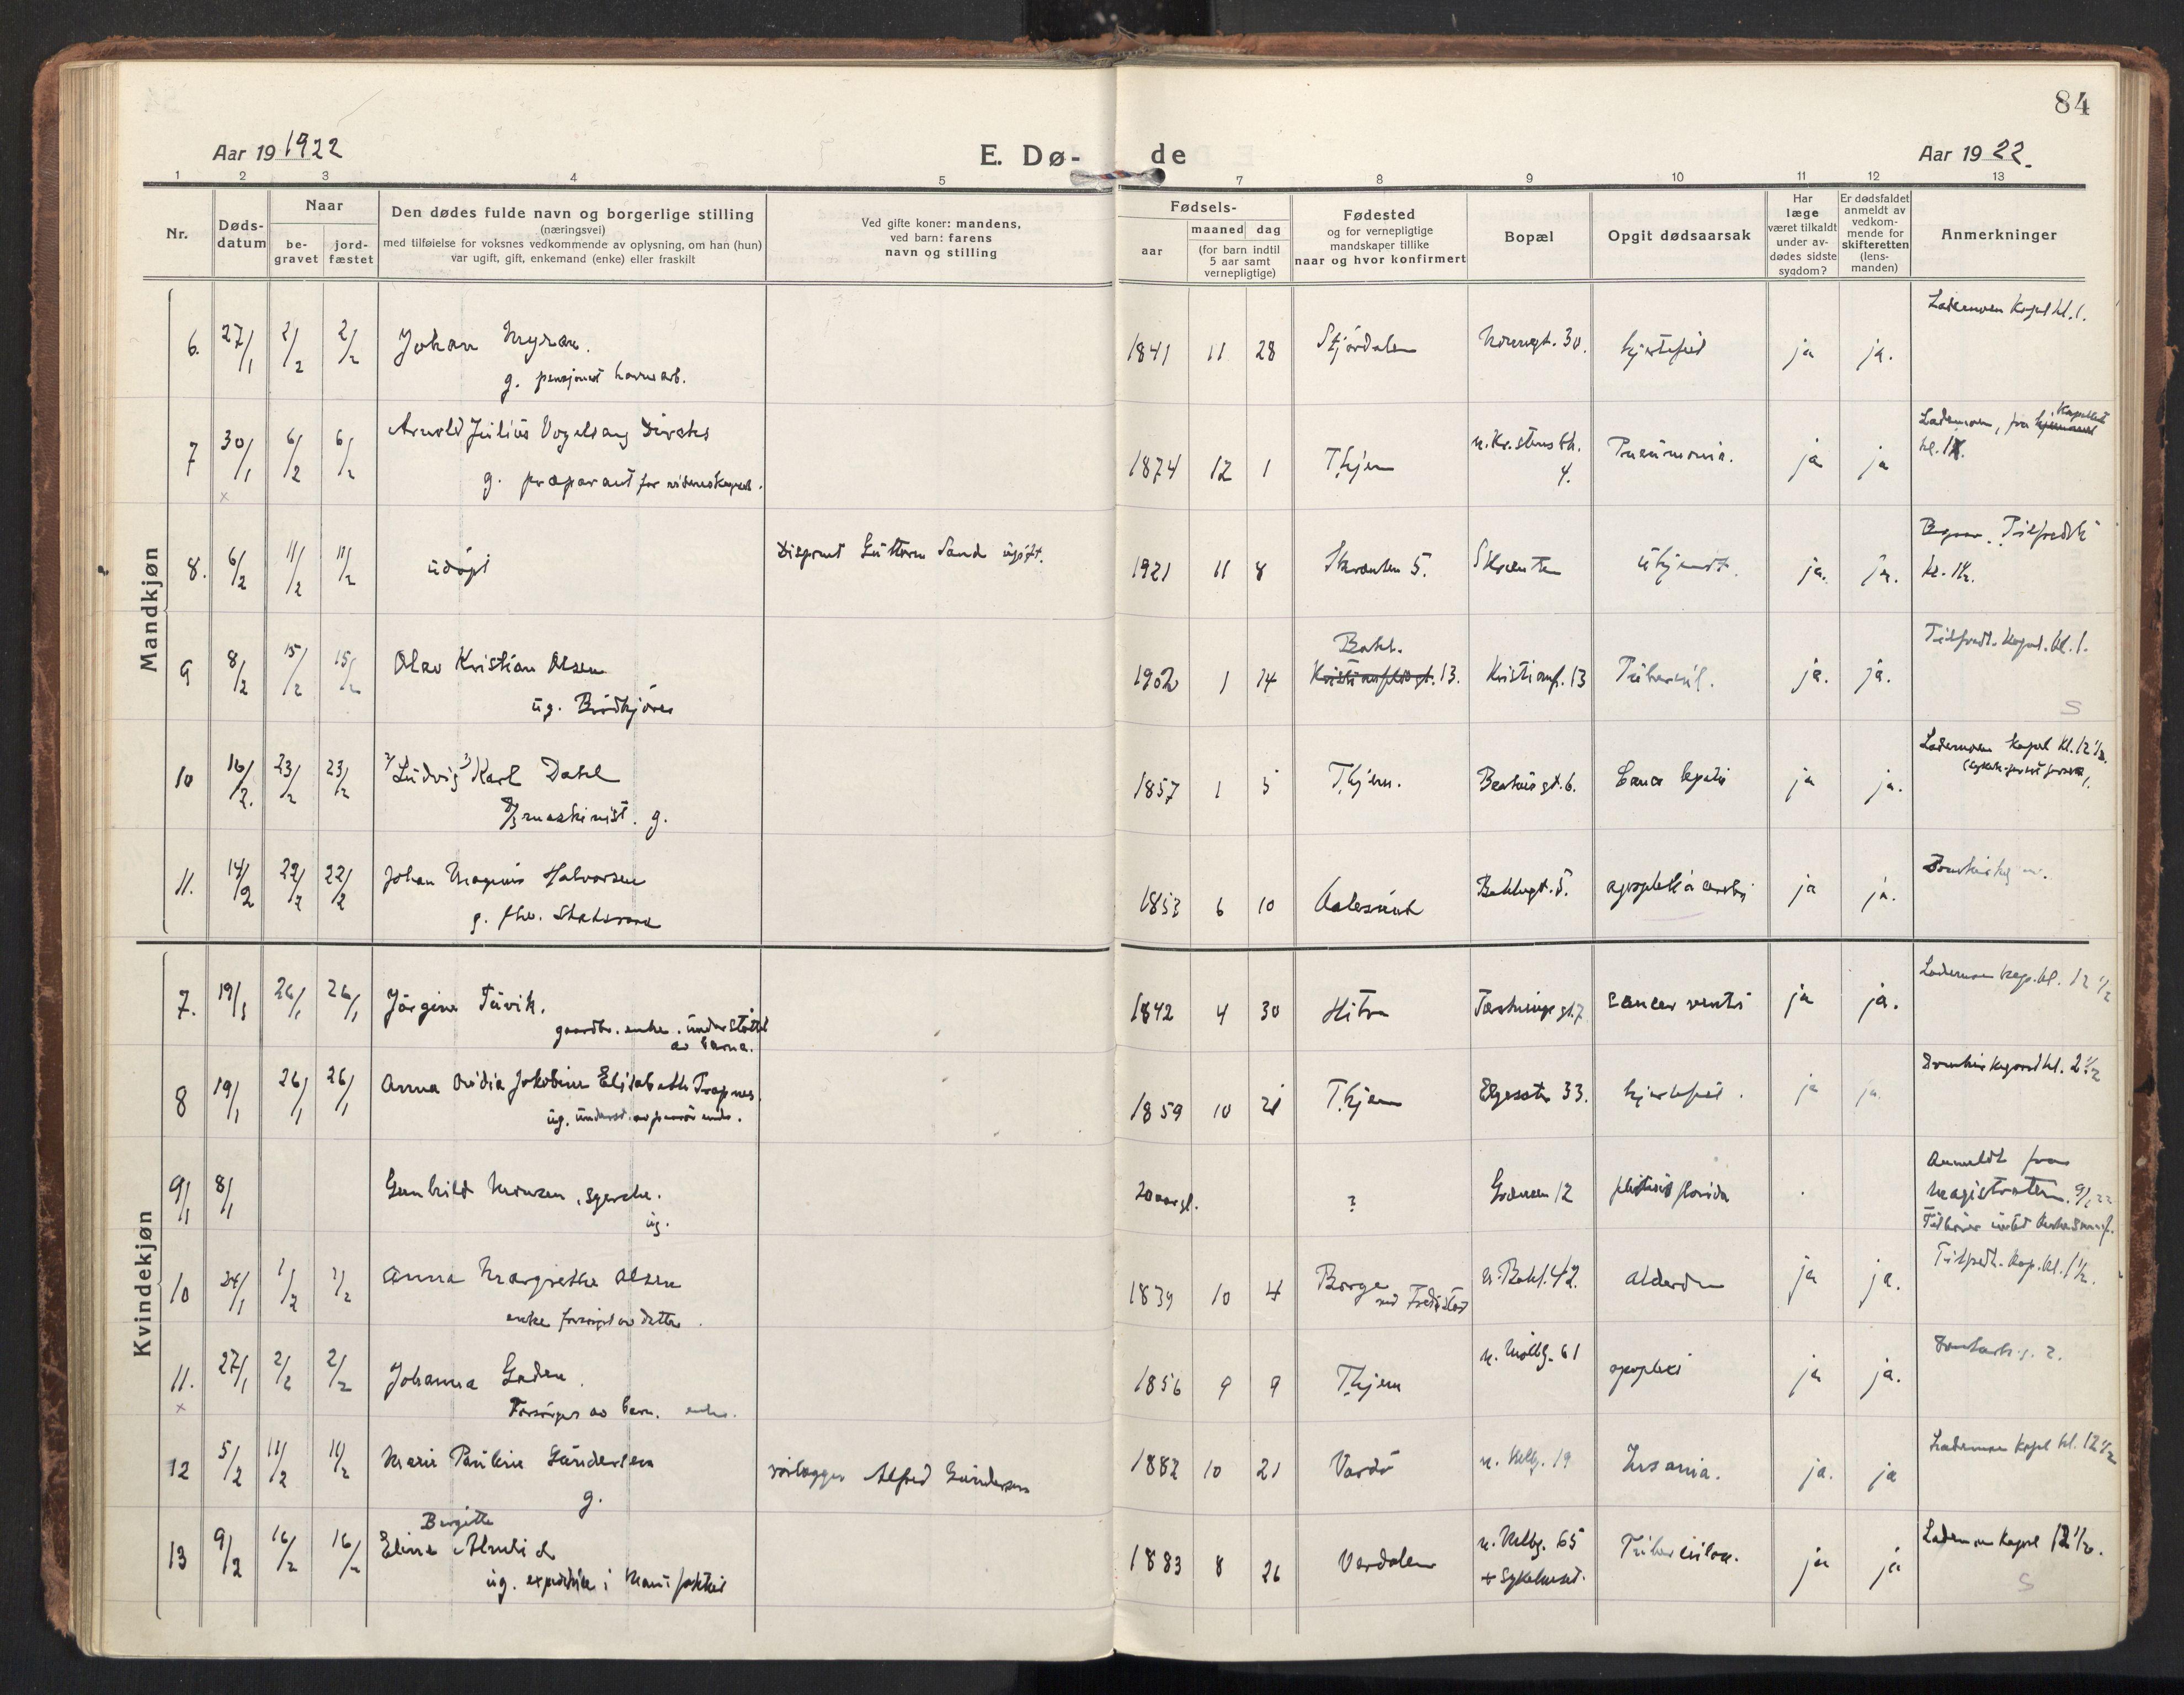 SAT, Ministerialprotokoller, klokkerbøker og fødselsregistre - Sør-Trøndelag, 604/L0207: Ministerialbok nr. 604A27, 1917-1933, s. 84